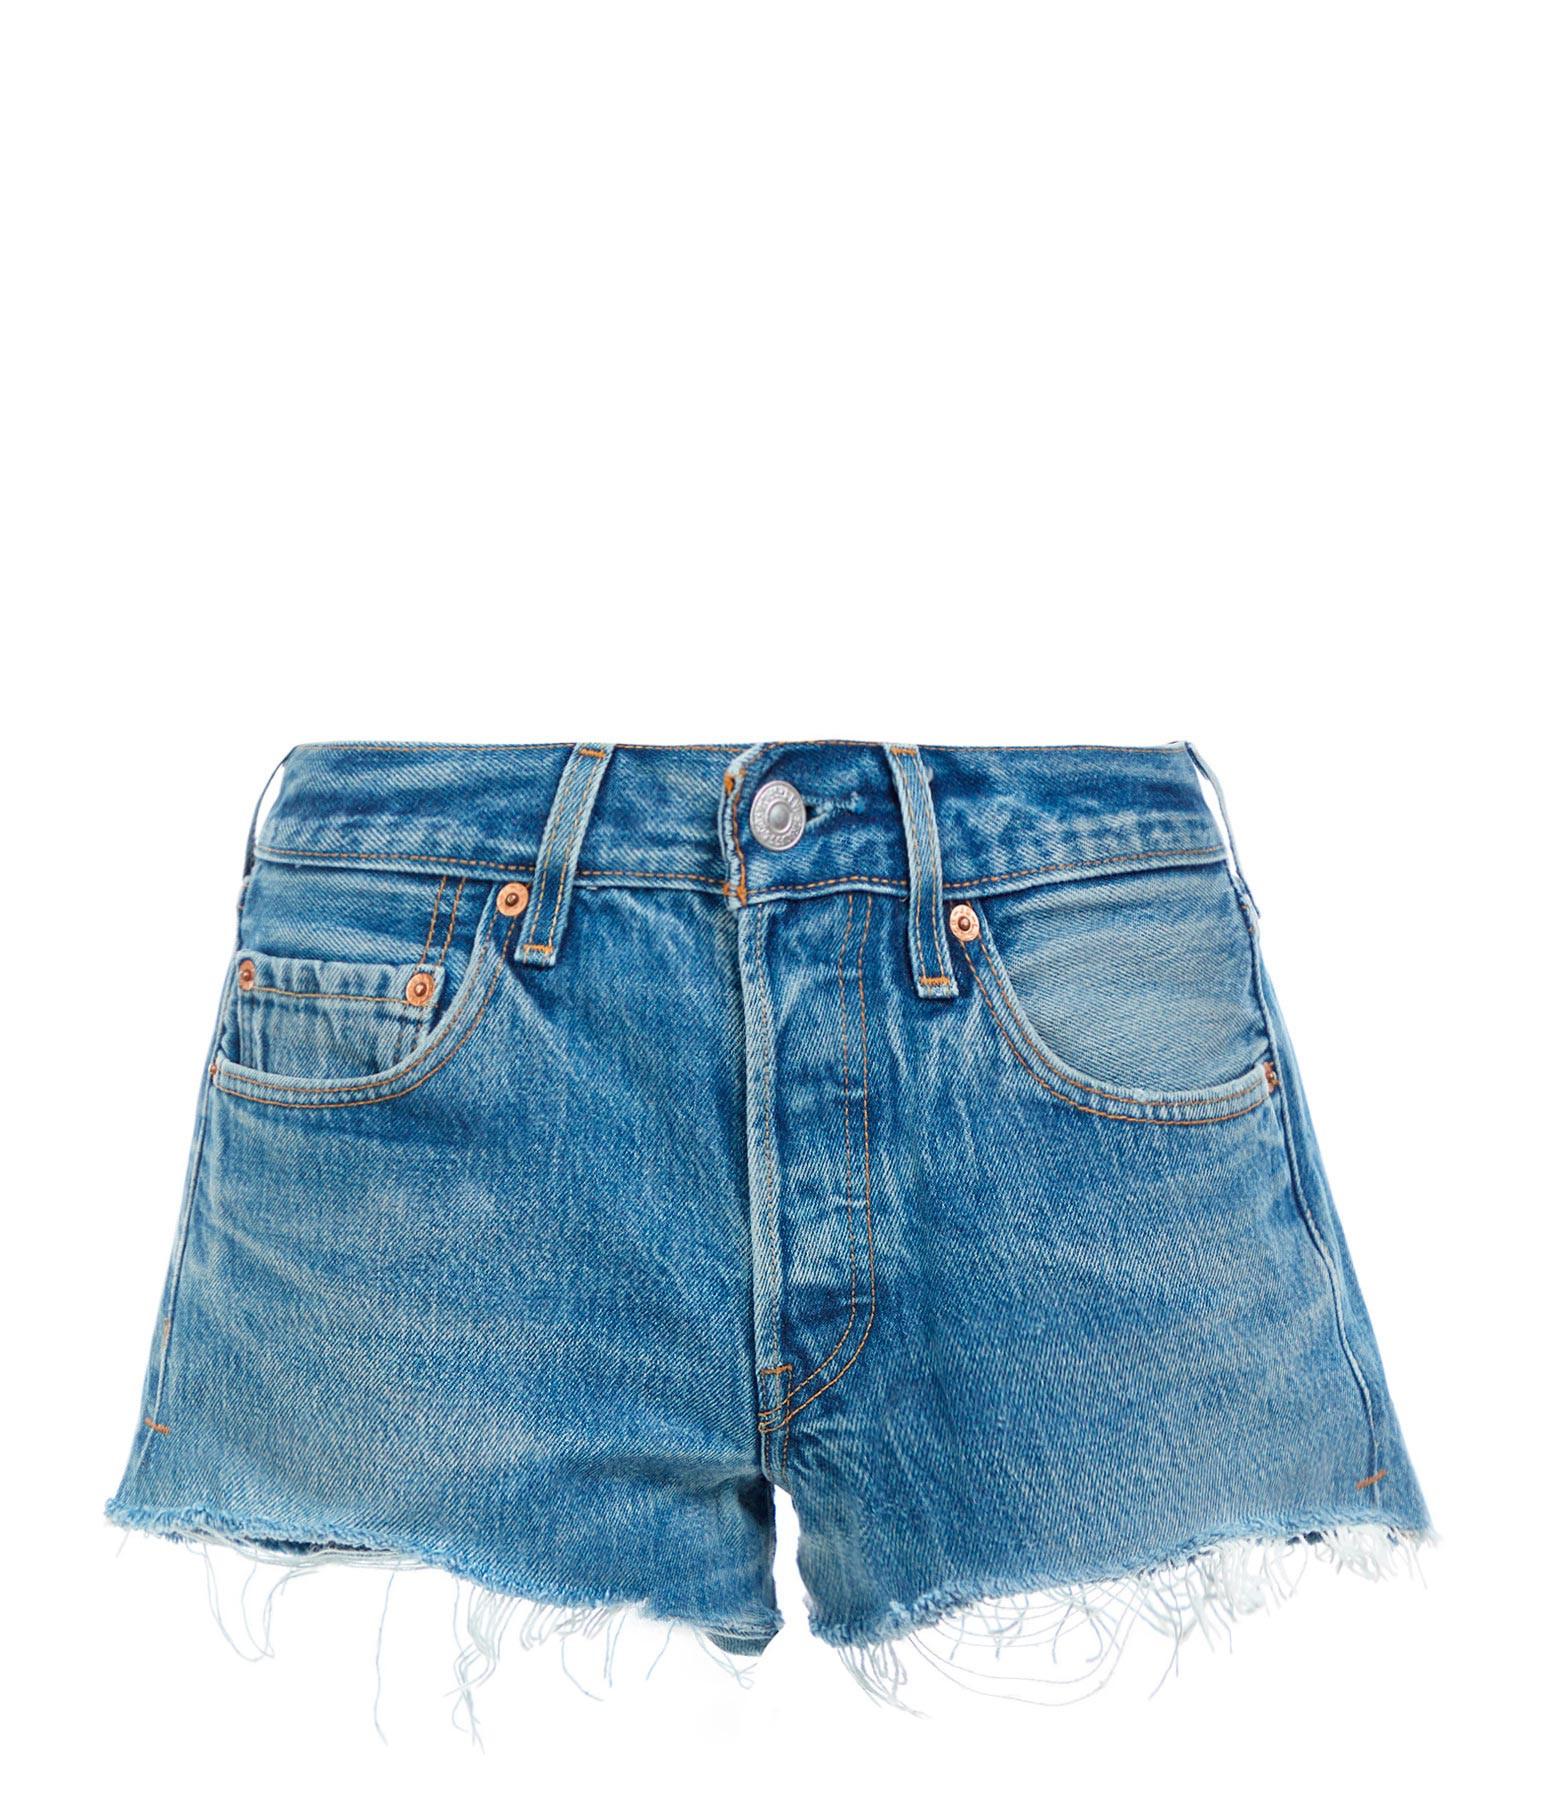 RE/DONE - Short The Short Coton Indigo